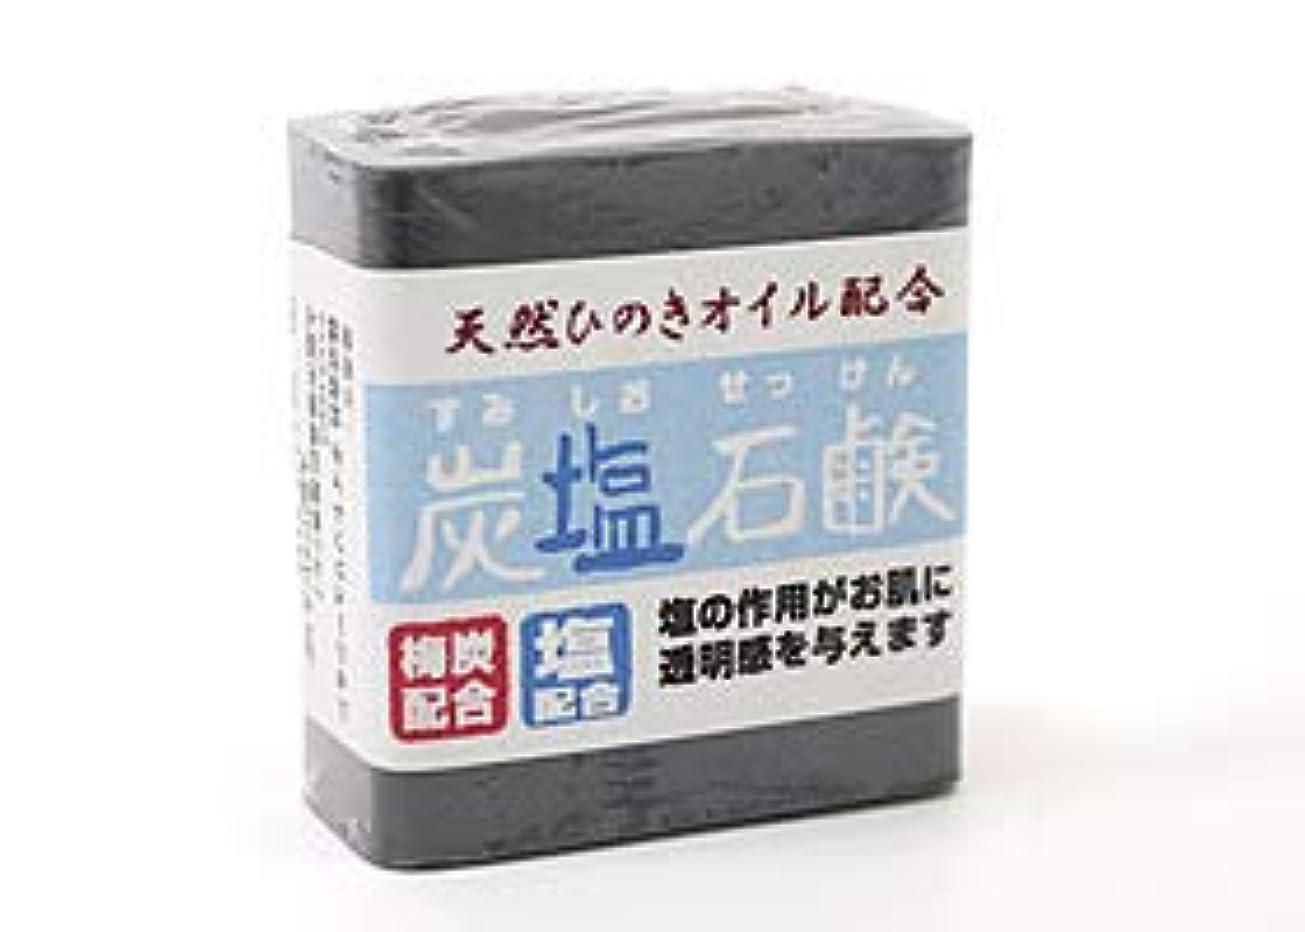 戦術精査するジョットディボンドン炭塩石鹸 ハーフサイズ 【 天然ひのきオイル配合】